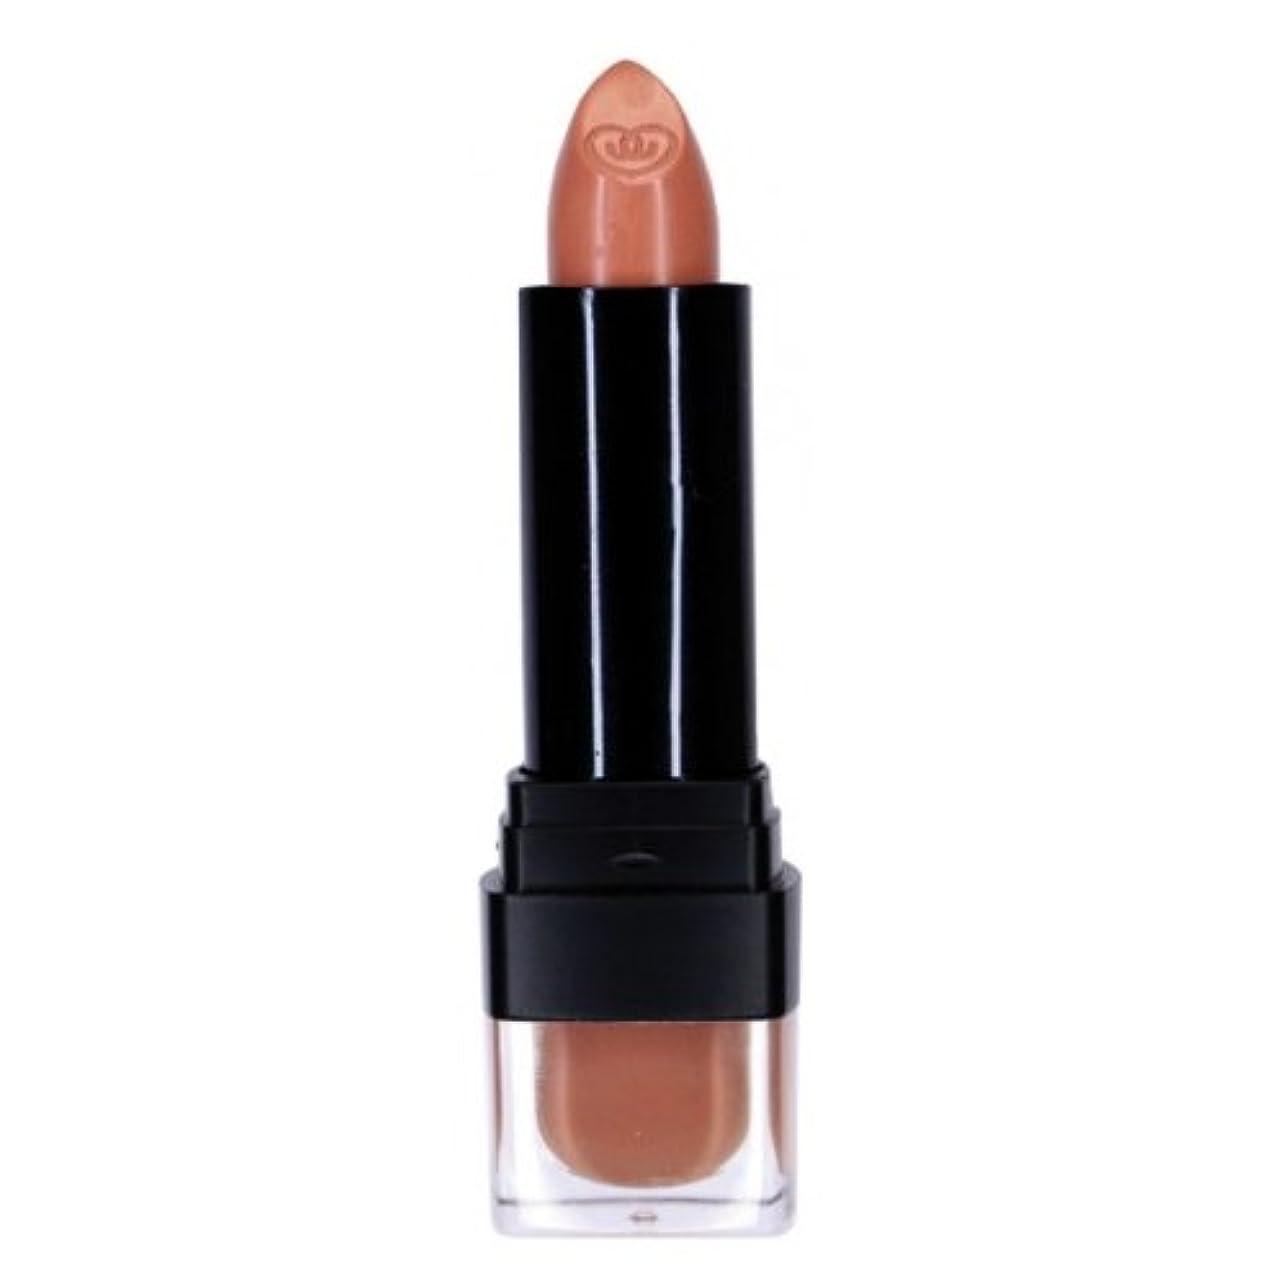 雇う発言する適合しましたCITY COLOR City Chick Lipstick - Bare With Me (並行輸入品)